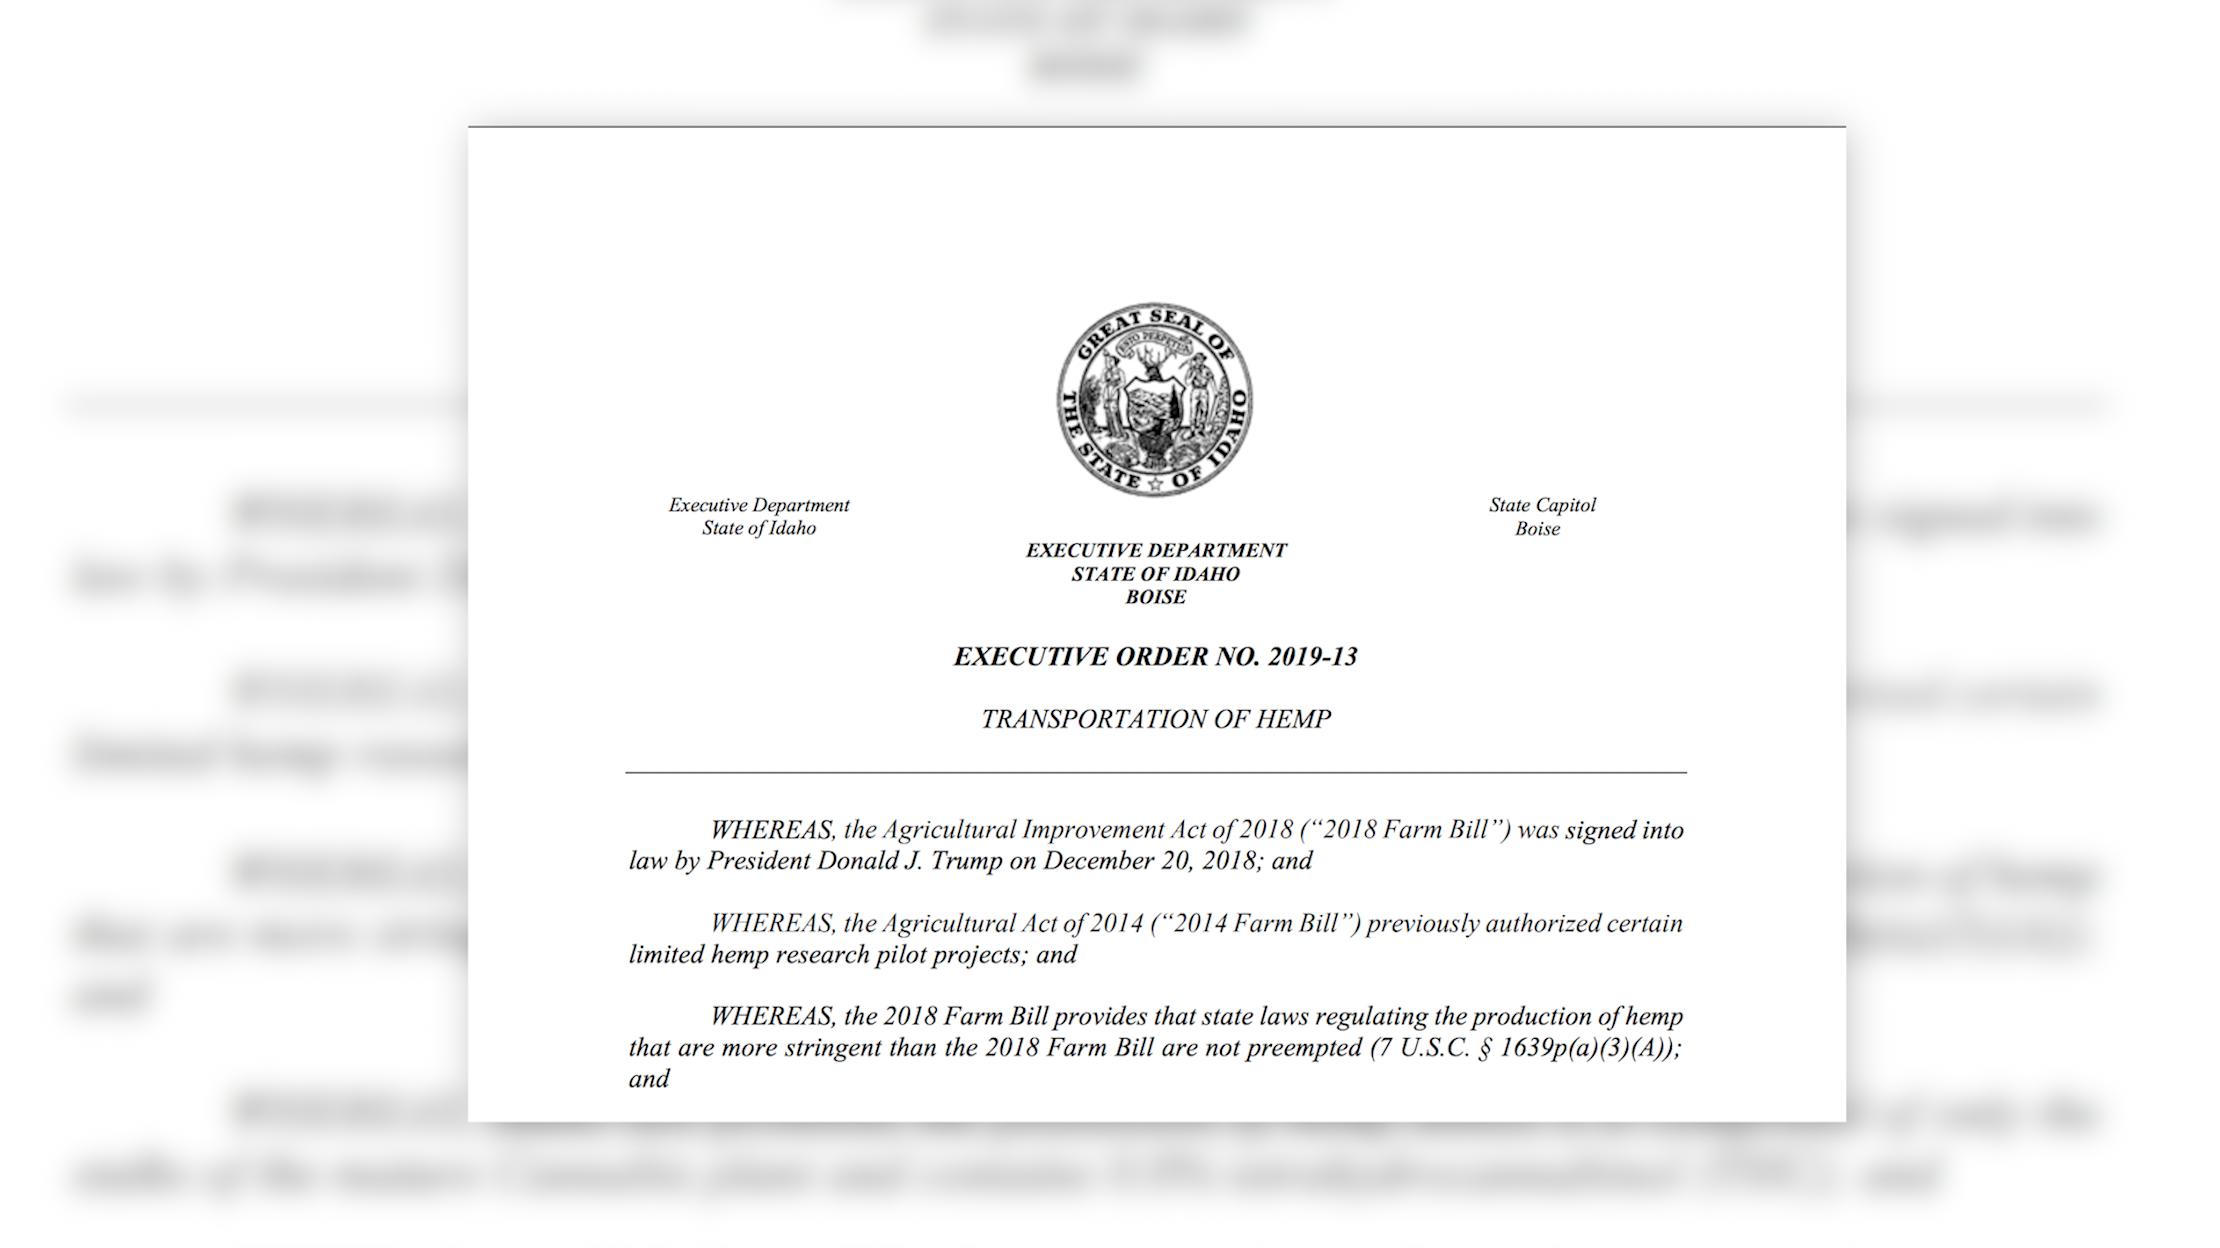 Executive Order No. 2019-13